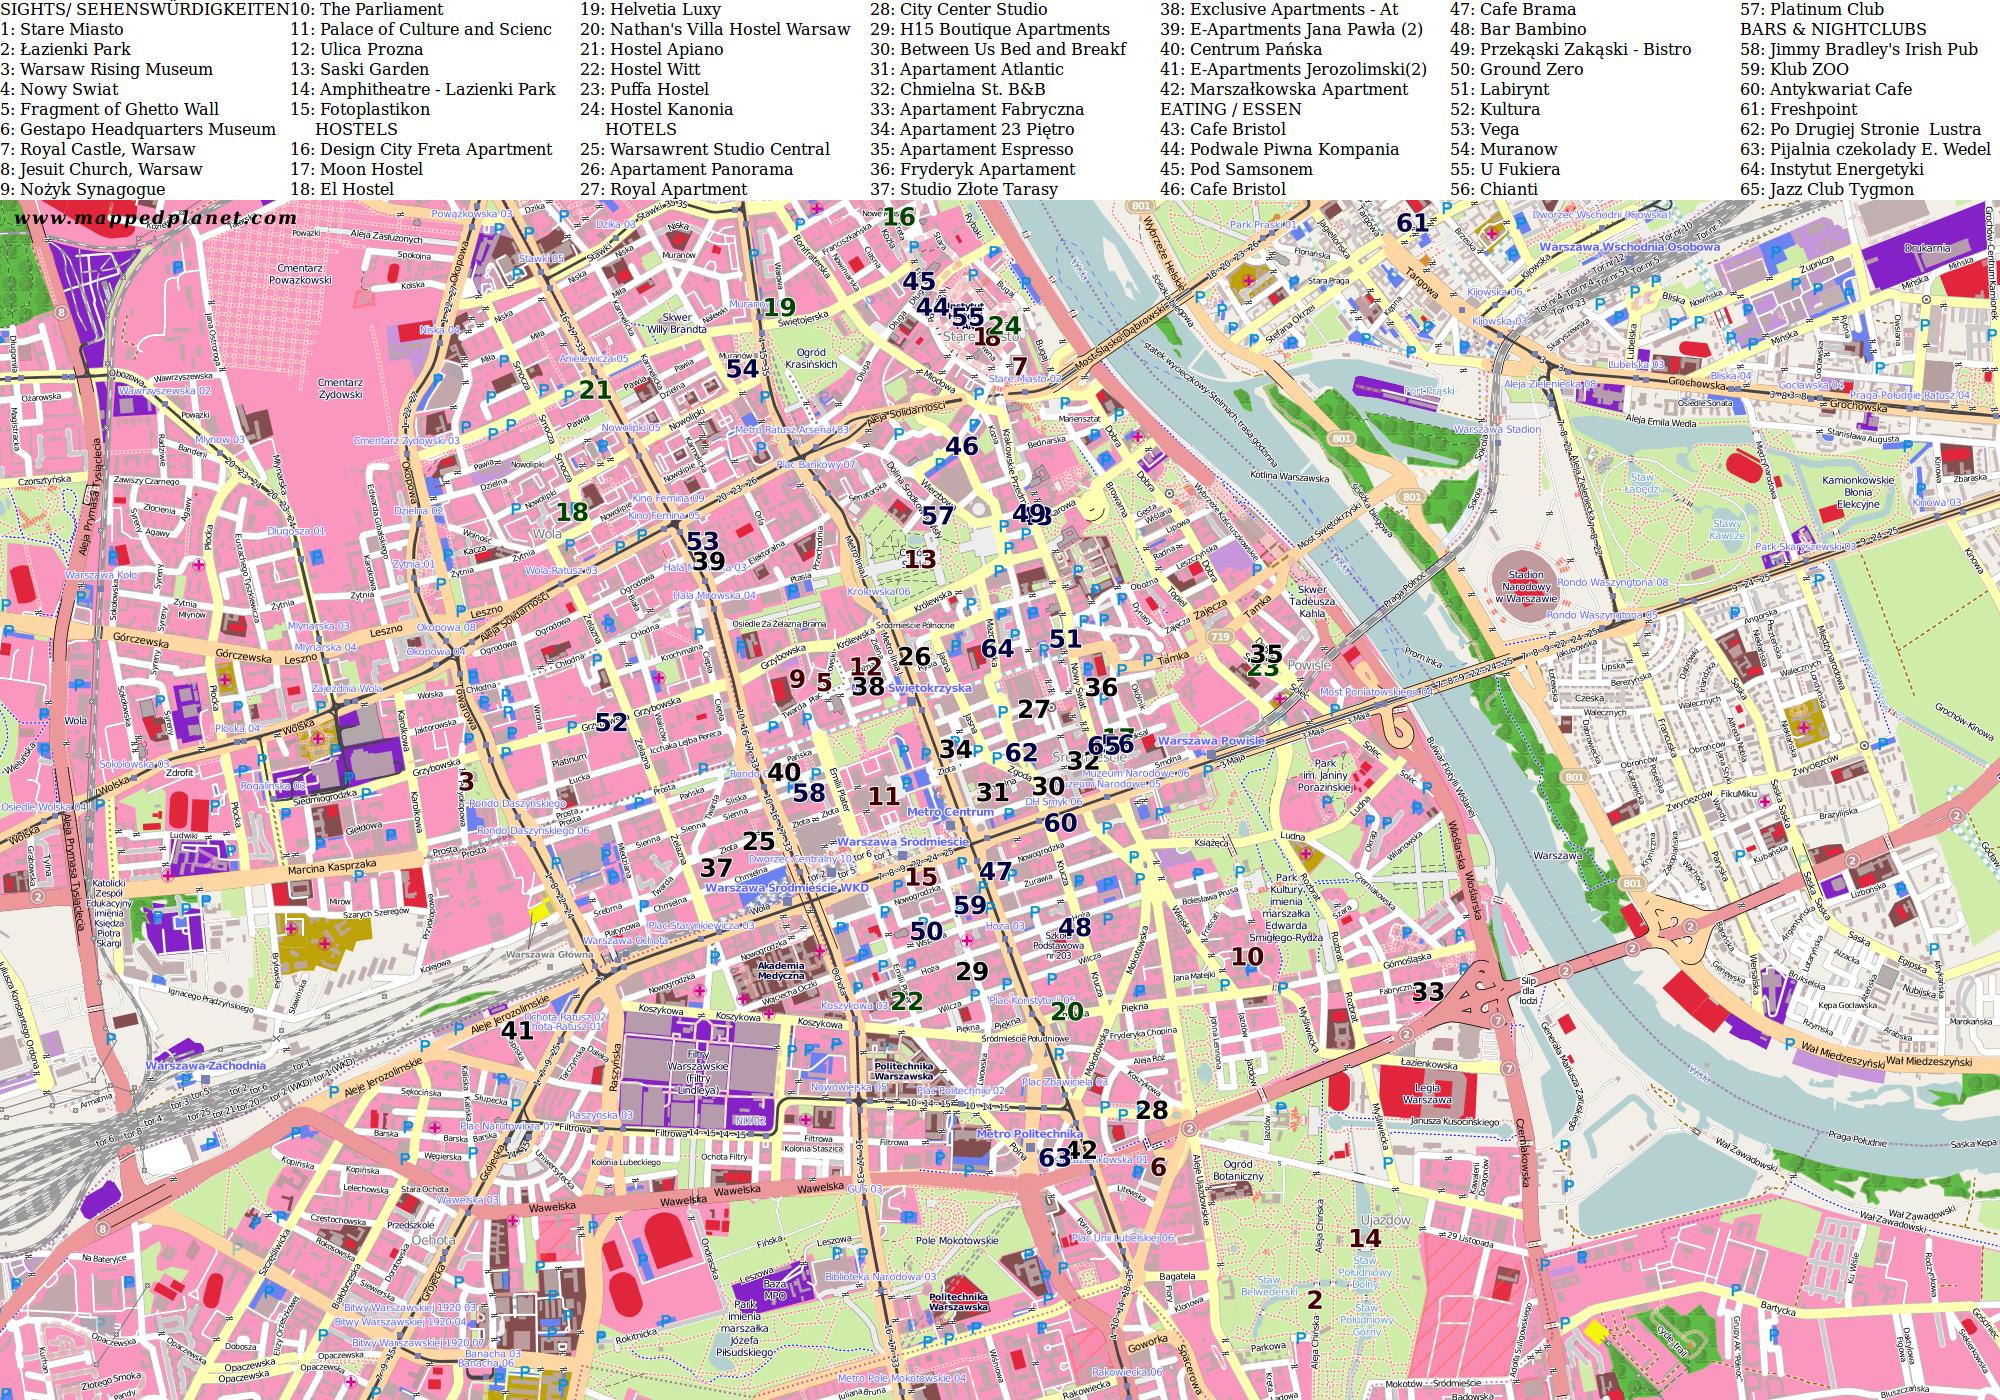 карта варшавы с улицами и районами приставы